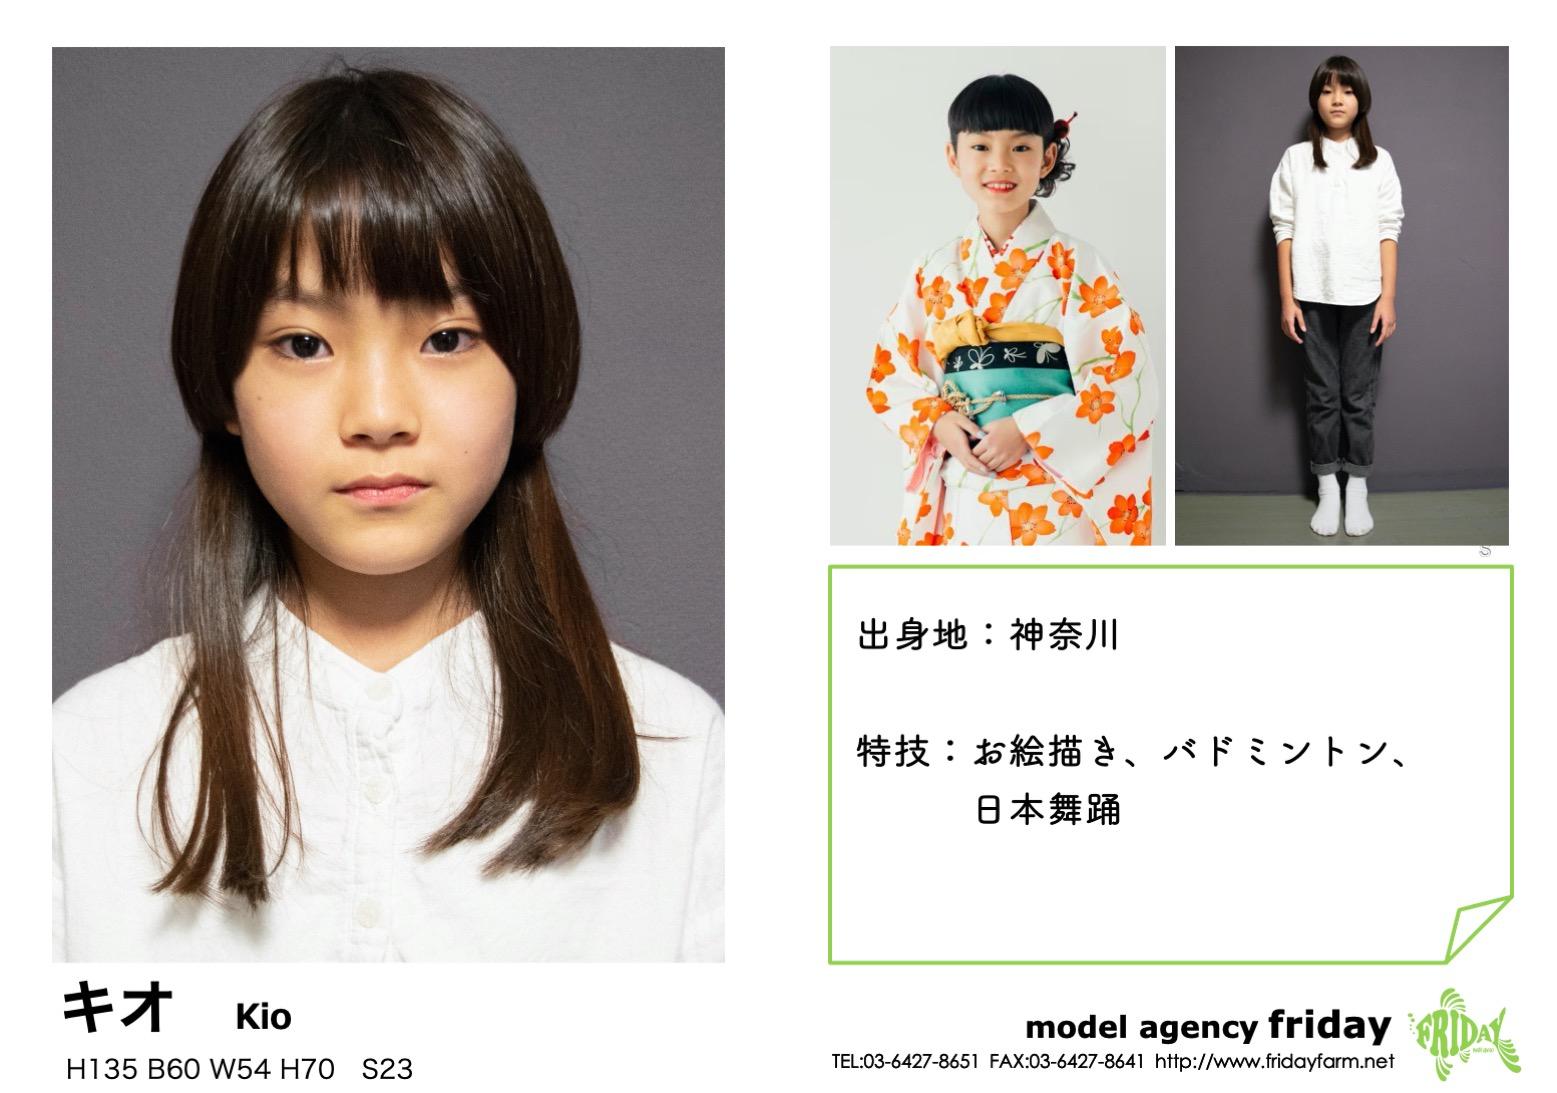 キオ - Kio | model agency friday